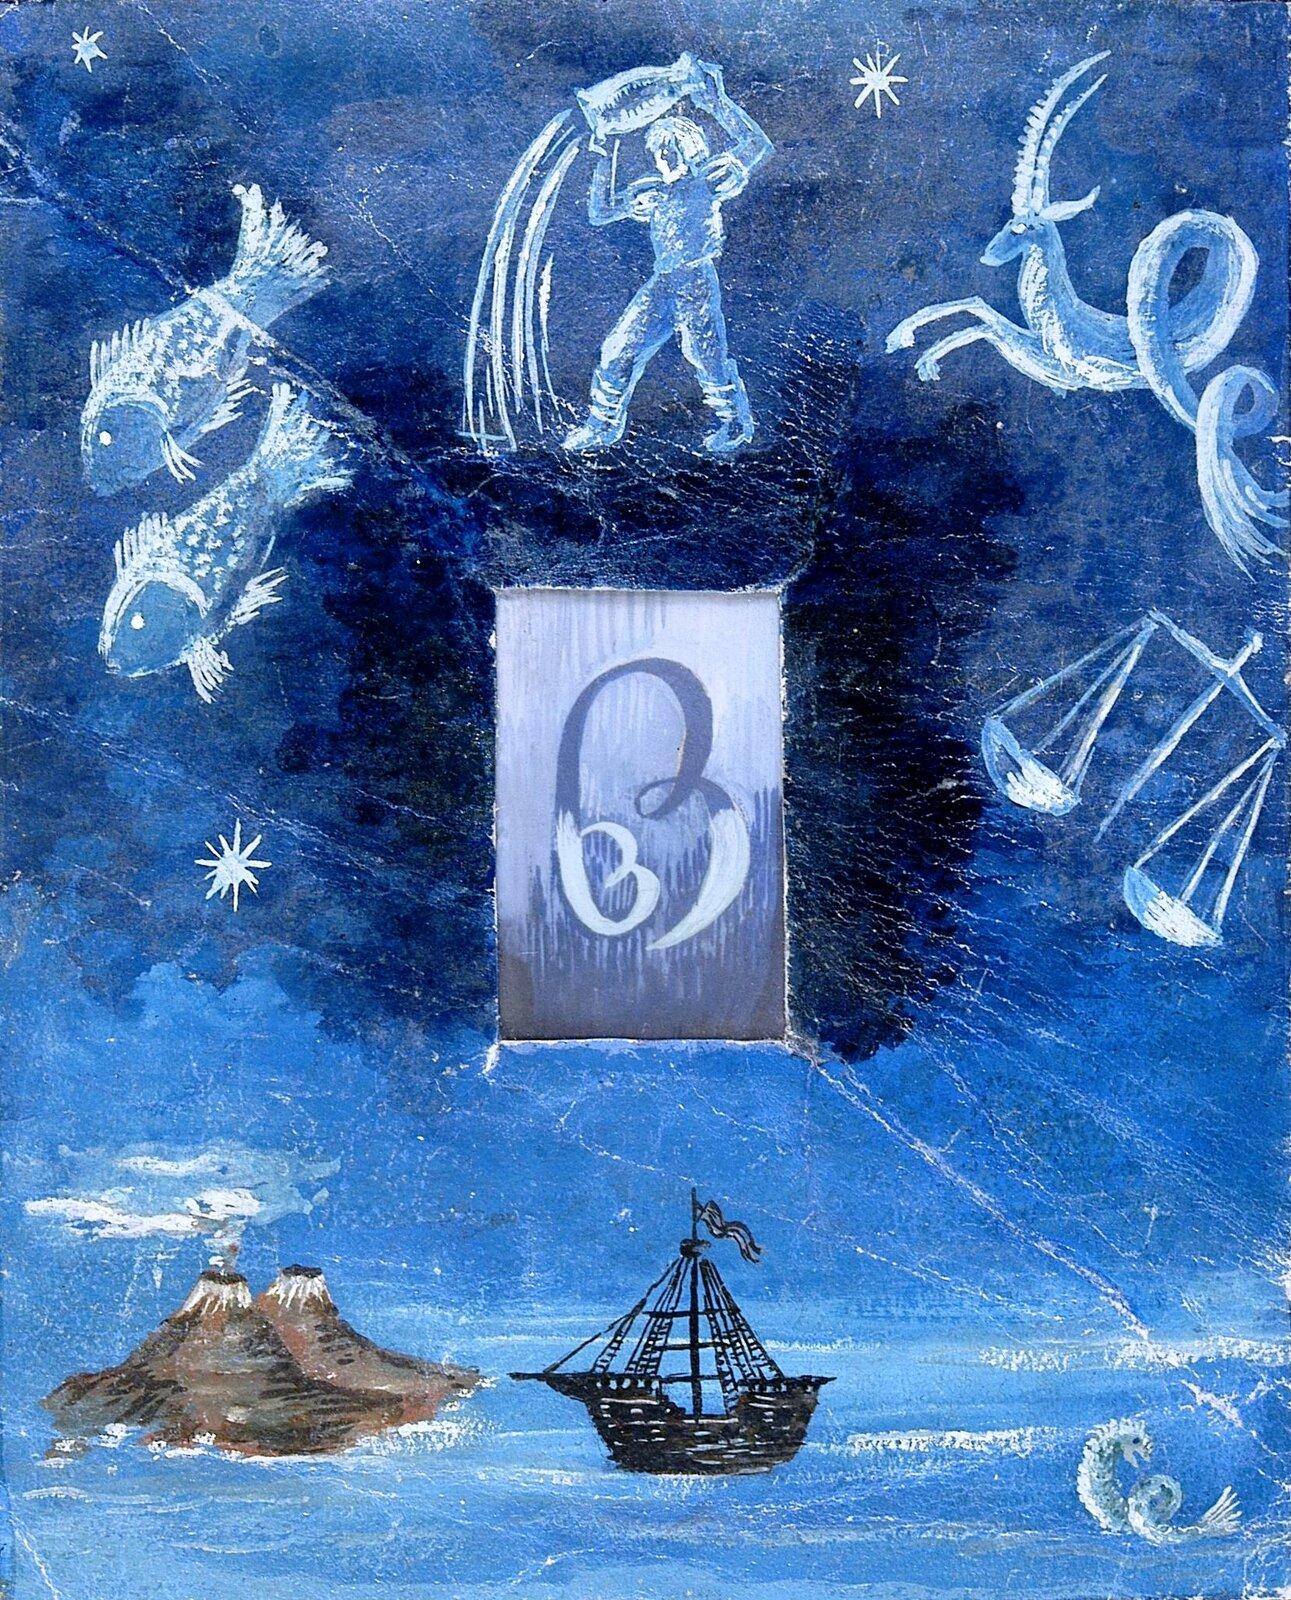 Na ilustracji jest fragment nieba imorza. Na niebie są cztery znaki zodiaku - od lewej strony: Ryby - dwie ryby jedna pod drugą, Wodnik - mężczyzna wylewający wodę znaczynia, Koziorożec - zwierzę zrogami, ma przednie nogi, natomiast od połowy ciało zwierzęcia jest zwinięte wserpentynę. Ostatni znak zodiaku to Waga zilustrowana wagą szalkową. Pod Wodnikiem, znajdującym się centralnie na górze ilustracji, wprostokącie jest ozdobna litera B. Na niebie jest kilka gwiazd. Natomiast na środku morza znajduje się statek. Po lewej stronie statku są dwa wzniesienia - wulkany. Po prawej stronie wwodzie znajduje się morski stwór. Na akwareli dominują odcienie niebieskiego.